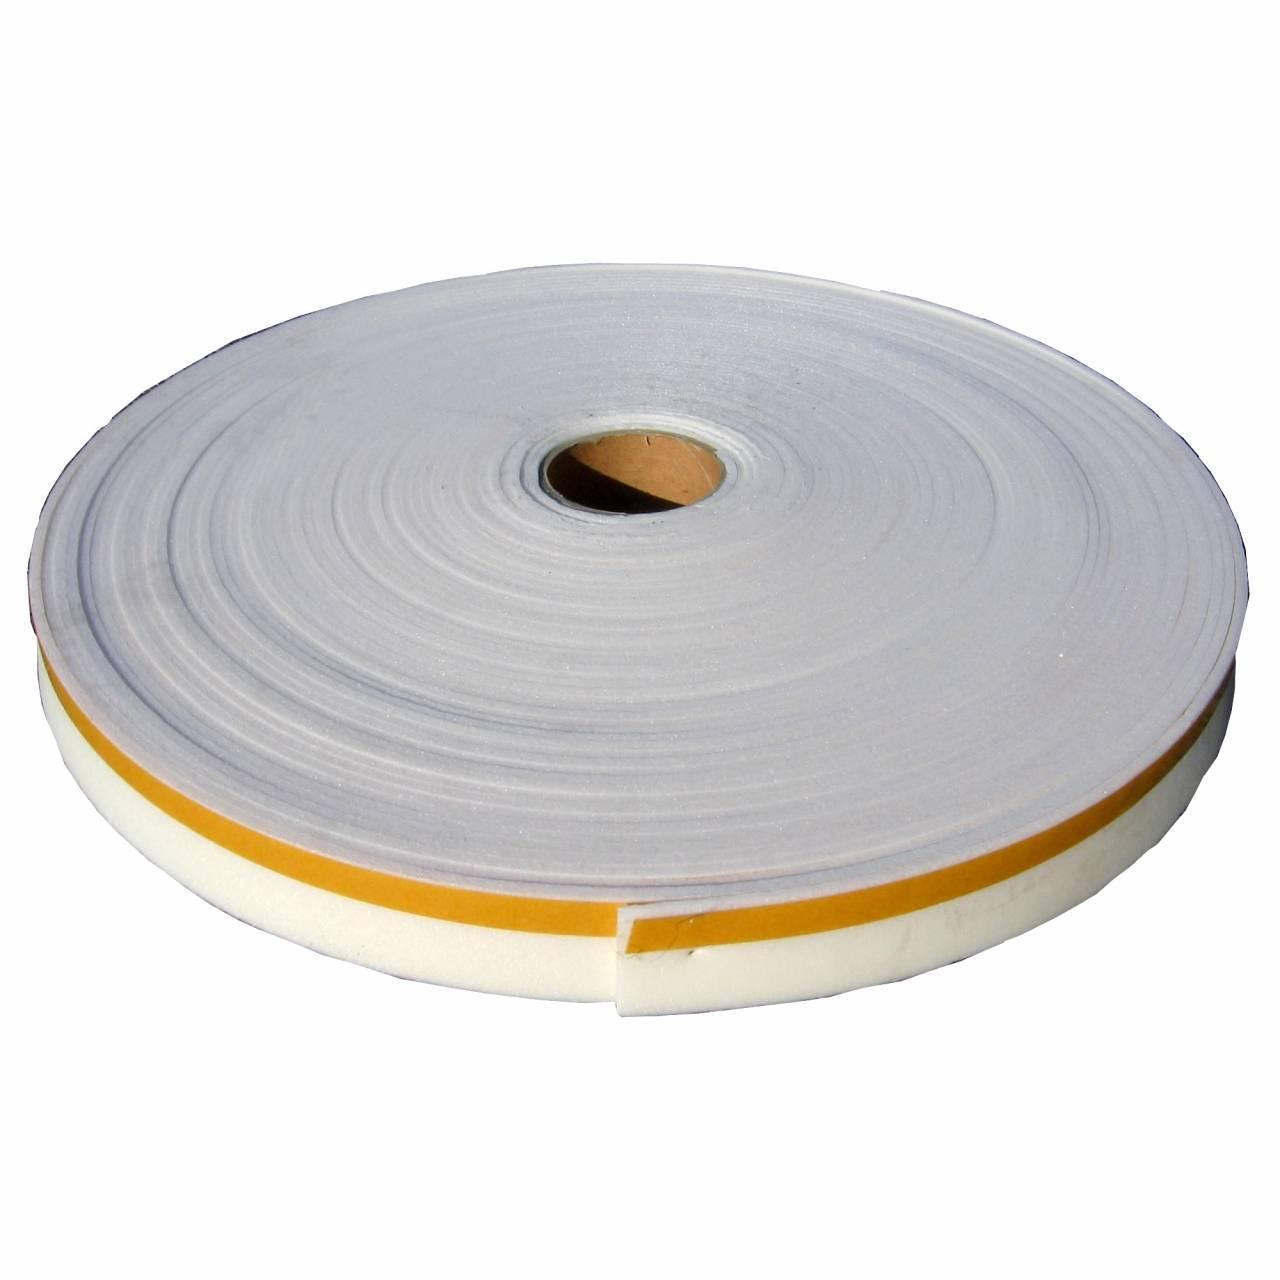 PE-Trennstreifen 3 x 30 mm x 30 m / Rolle